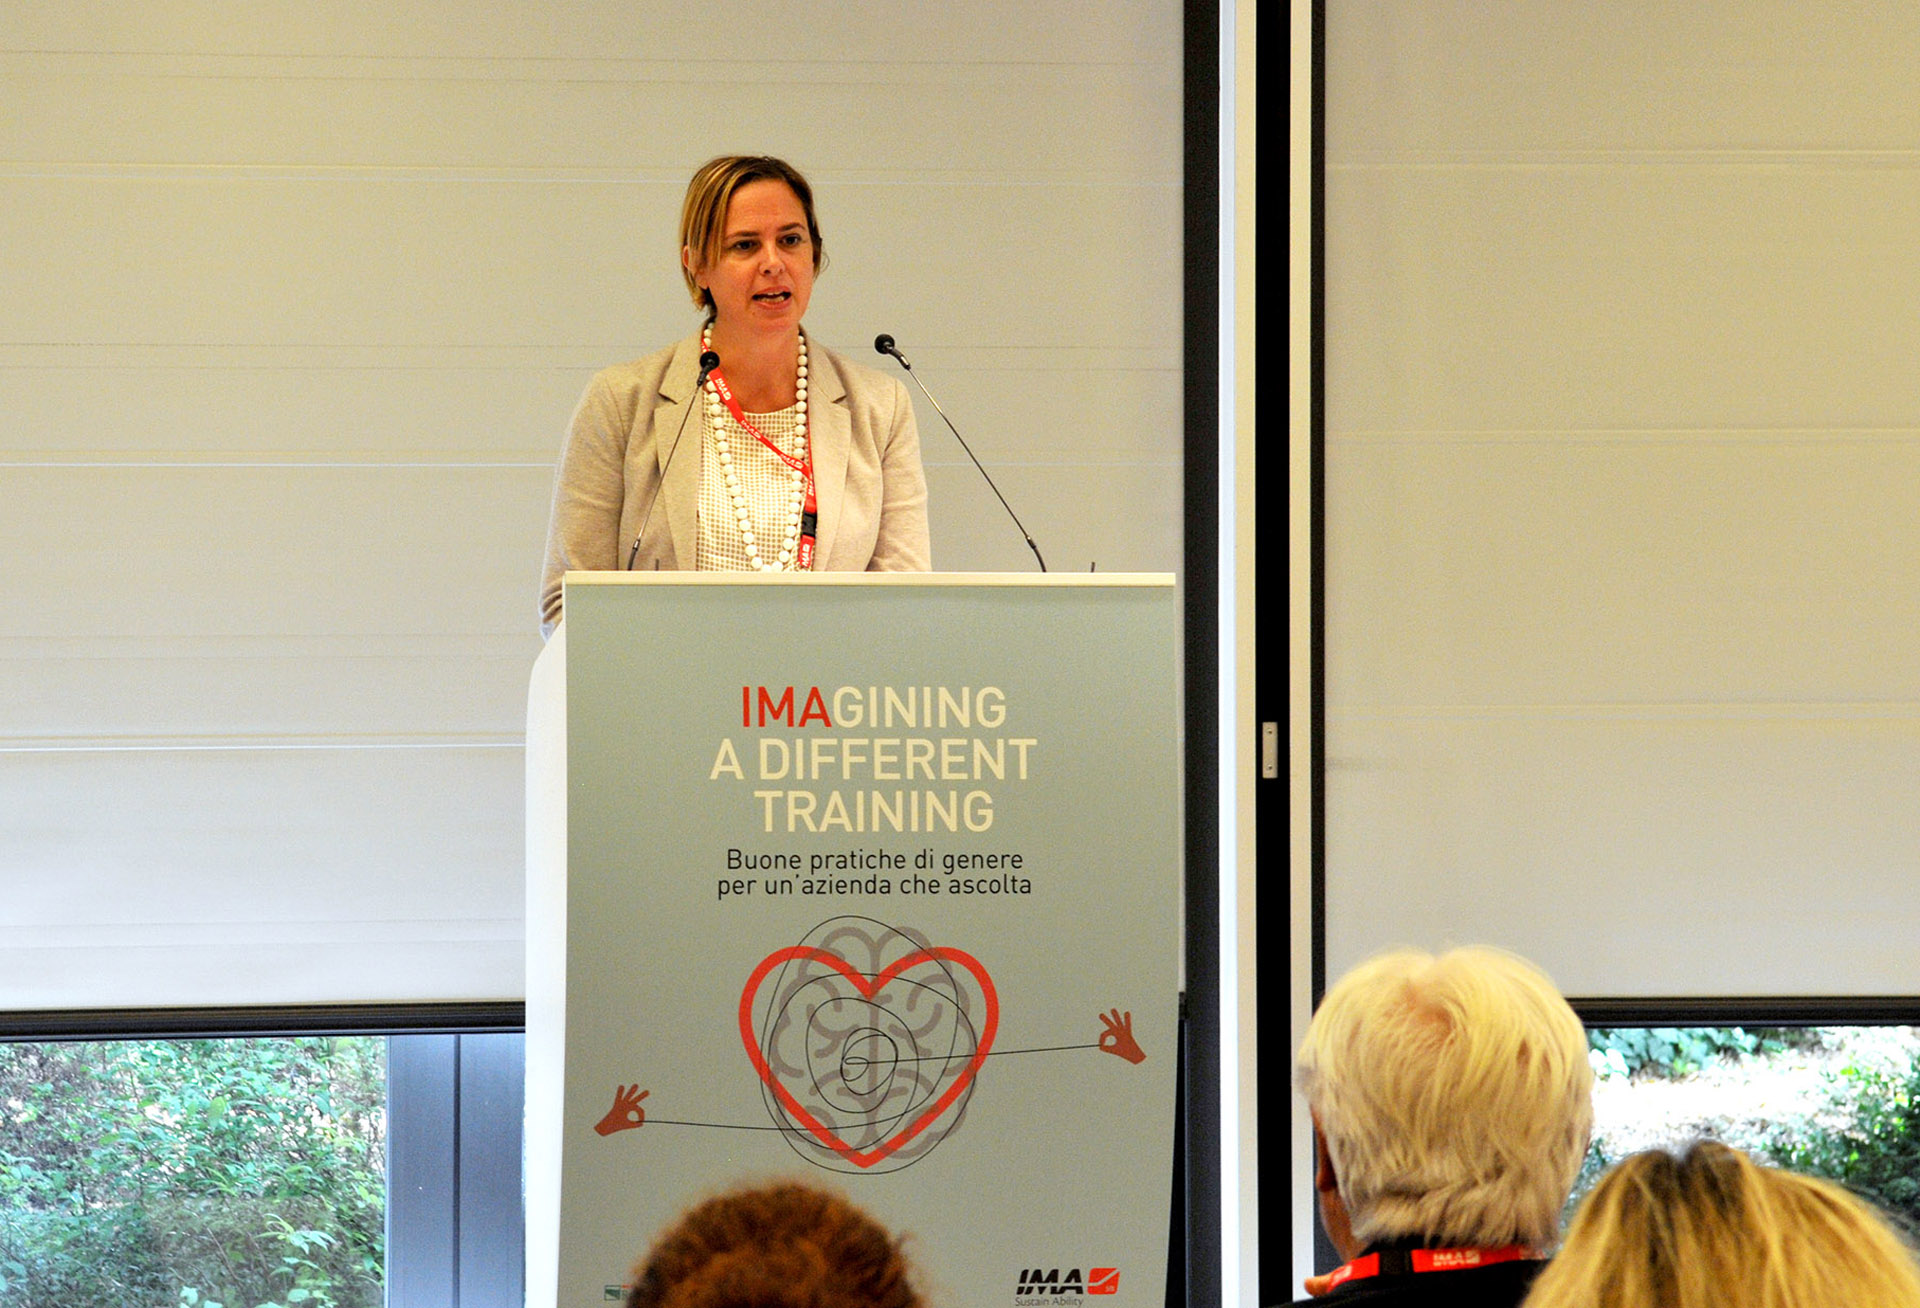 Monica Parrella, Direttrice dell'Ufficio per gli interventi in materia di parità e pari opportunità della Presidenza del Consiglio dei Ministri